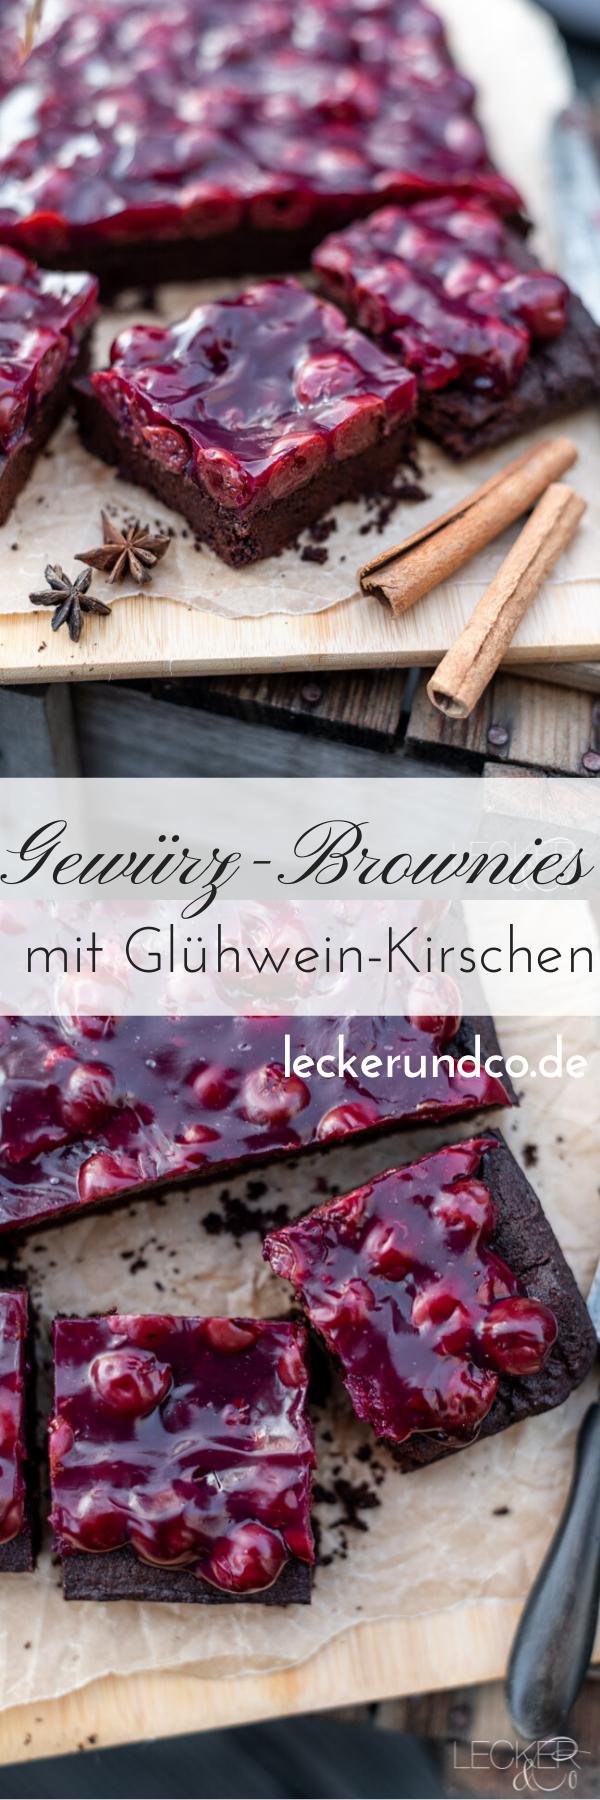 LECKER&Co | Foodblog aus Nürnberg | Frisch, lecker, saisonal und regional kochen und backen - ohne F